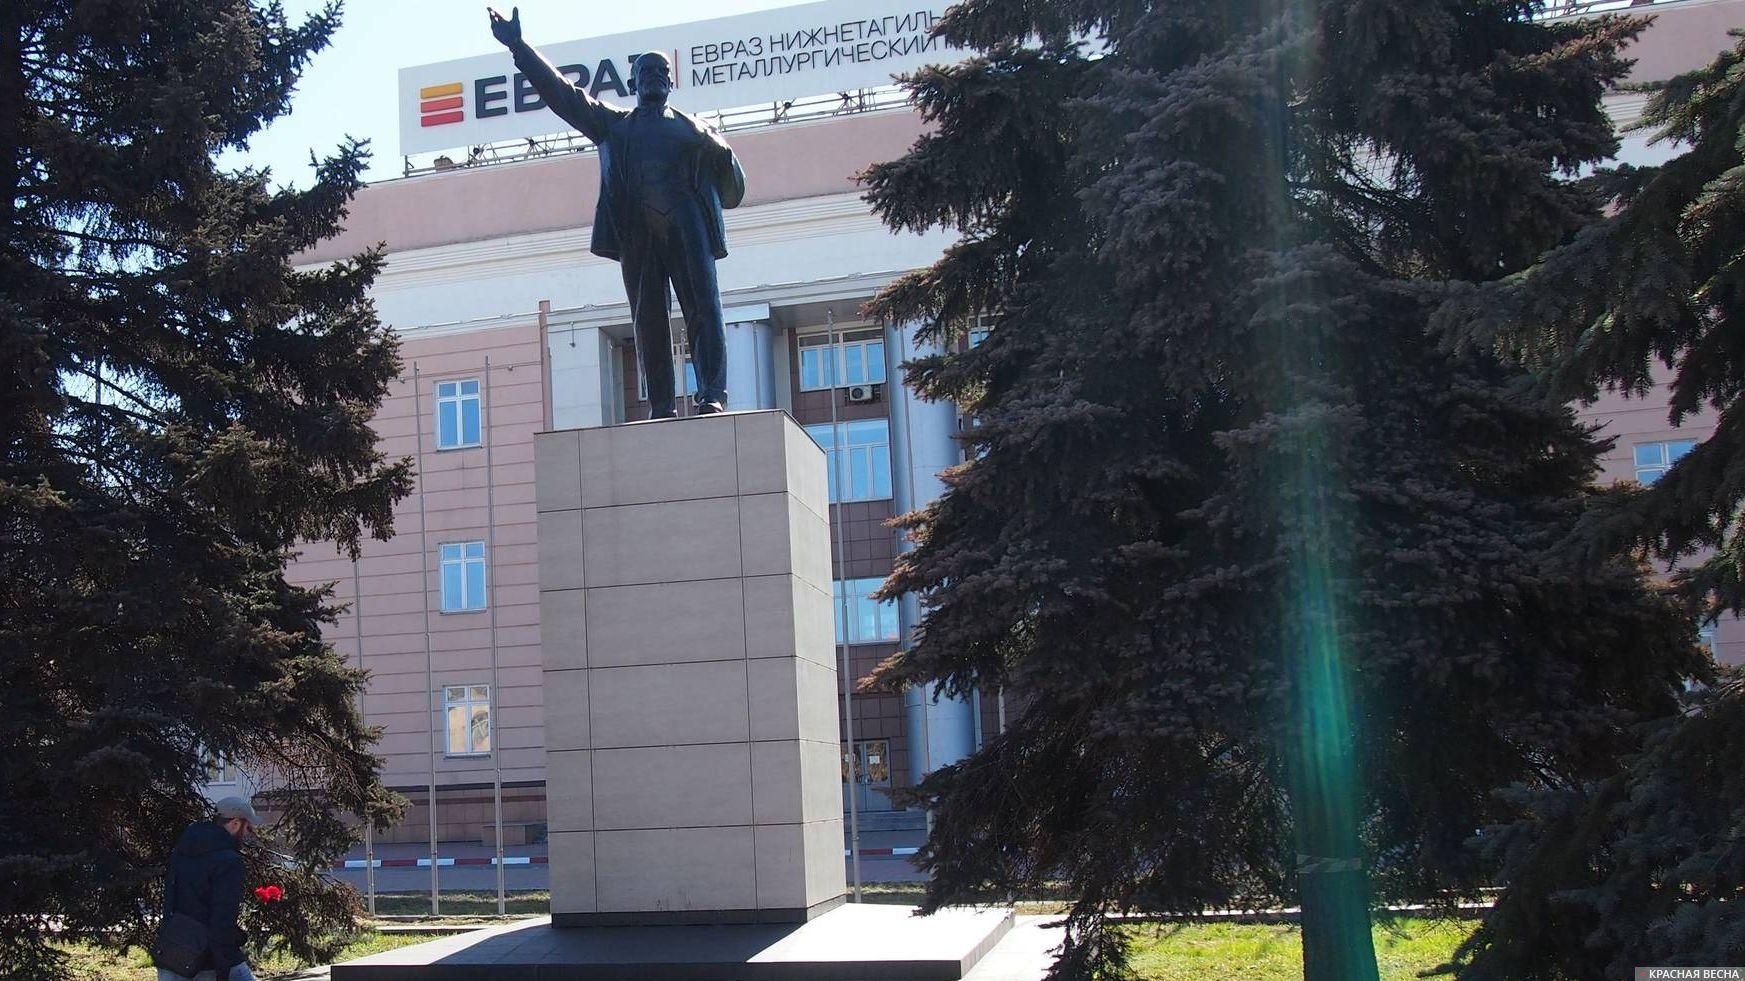 Памятник Ленину у проходной ЕВРАЗ НТМК. Нижний Тагил